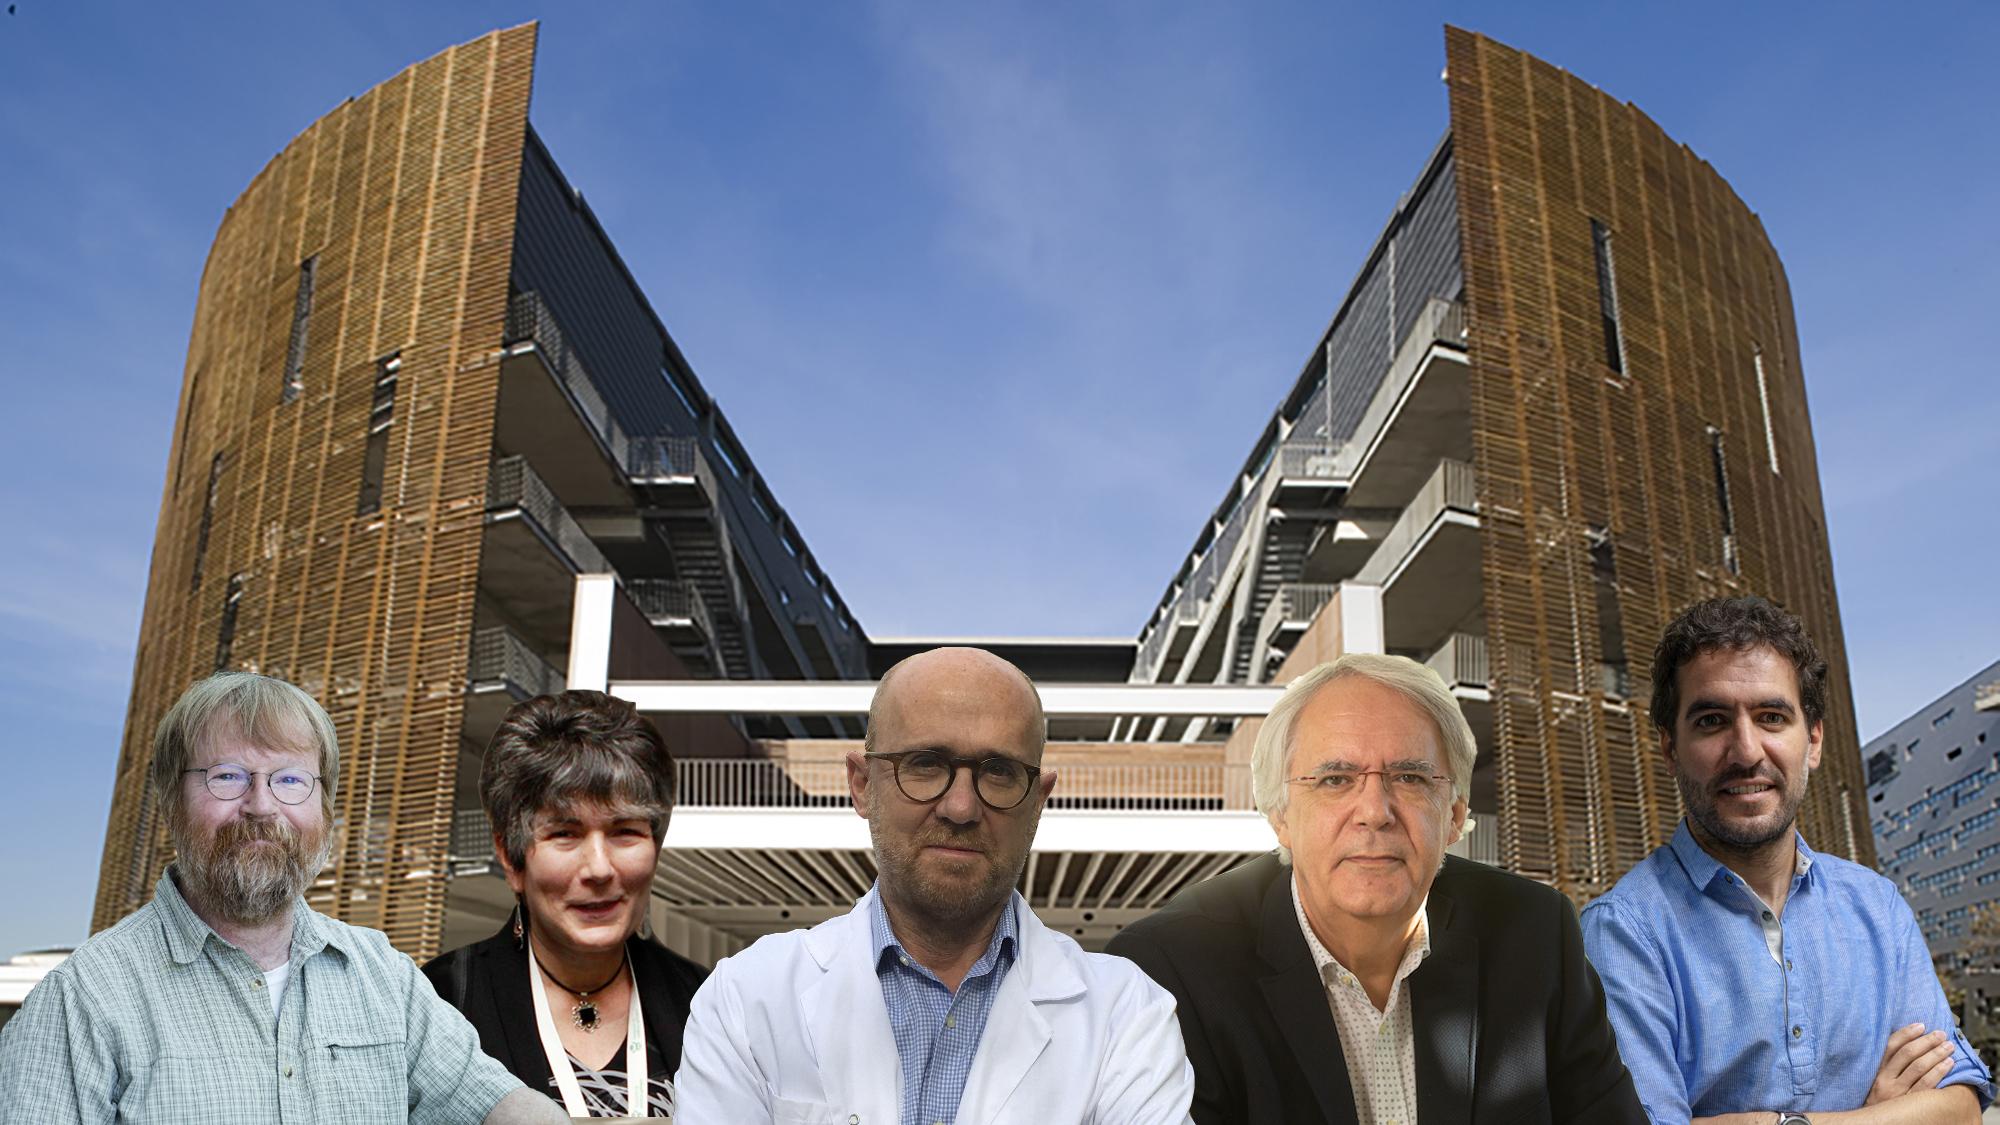 Quatre homes i una dona posant davant de l'edifici del PRBB.